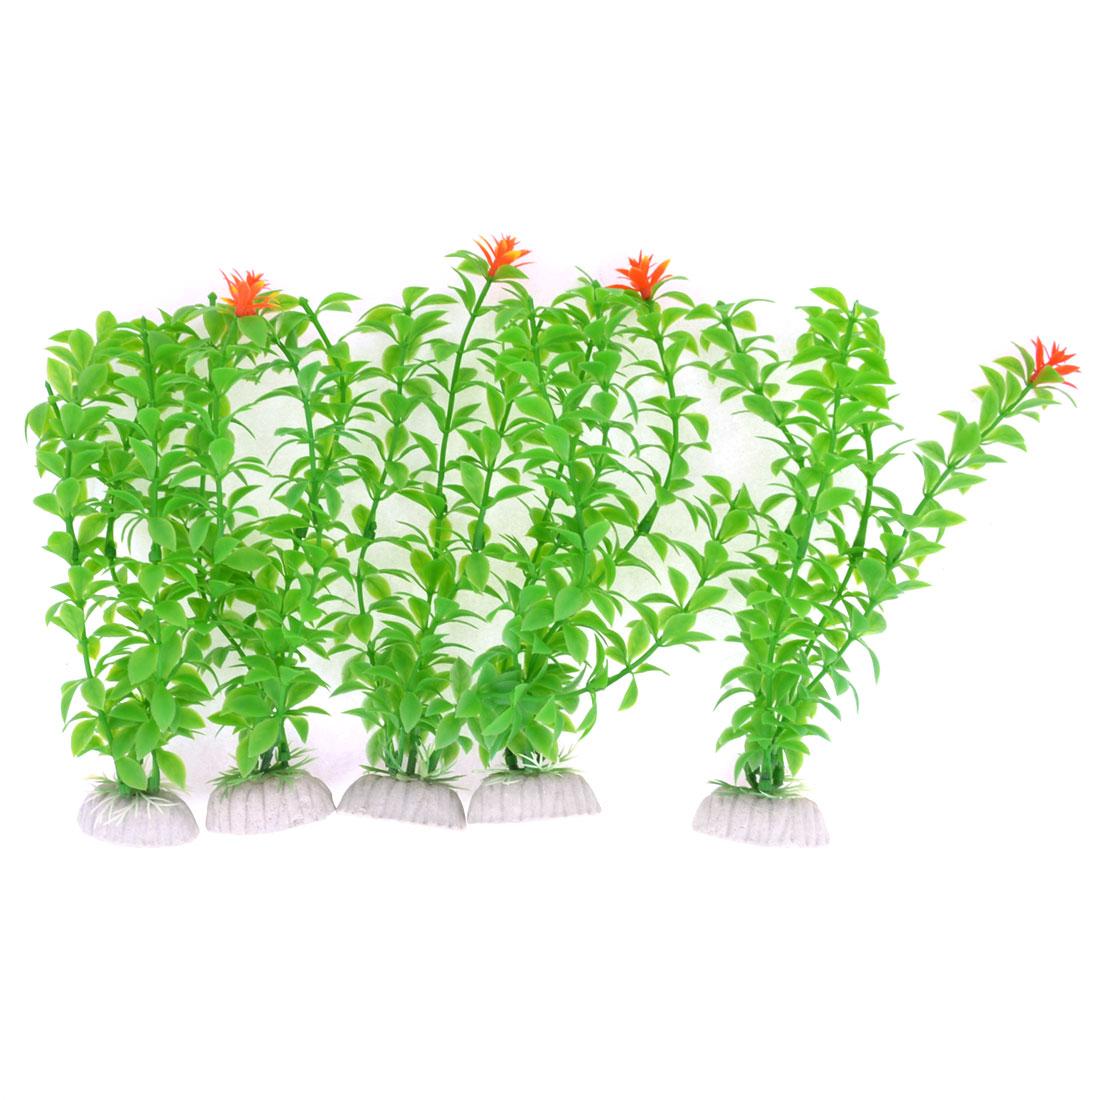 Aquarium Tanks Aquascaping Green Plastic Decorative Underwater Plant 5pcs 18cm